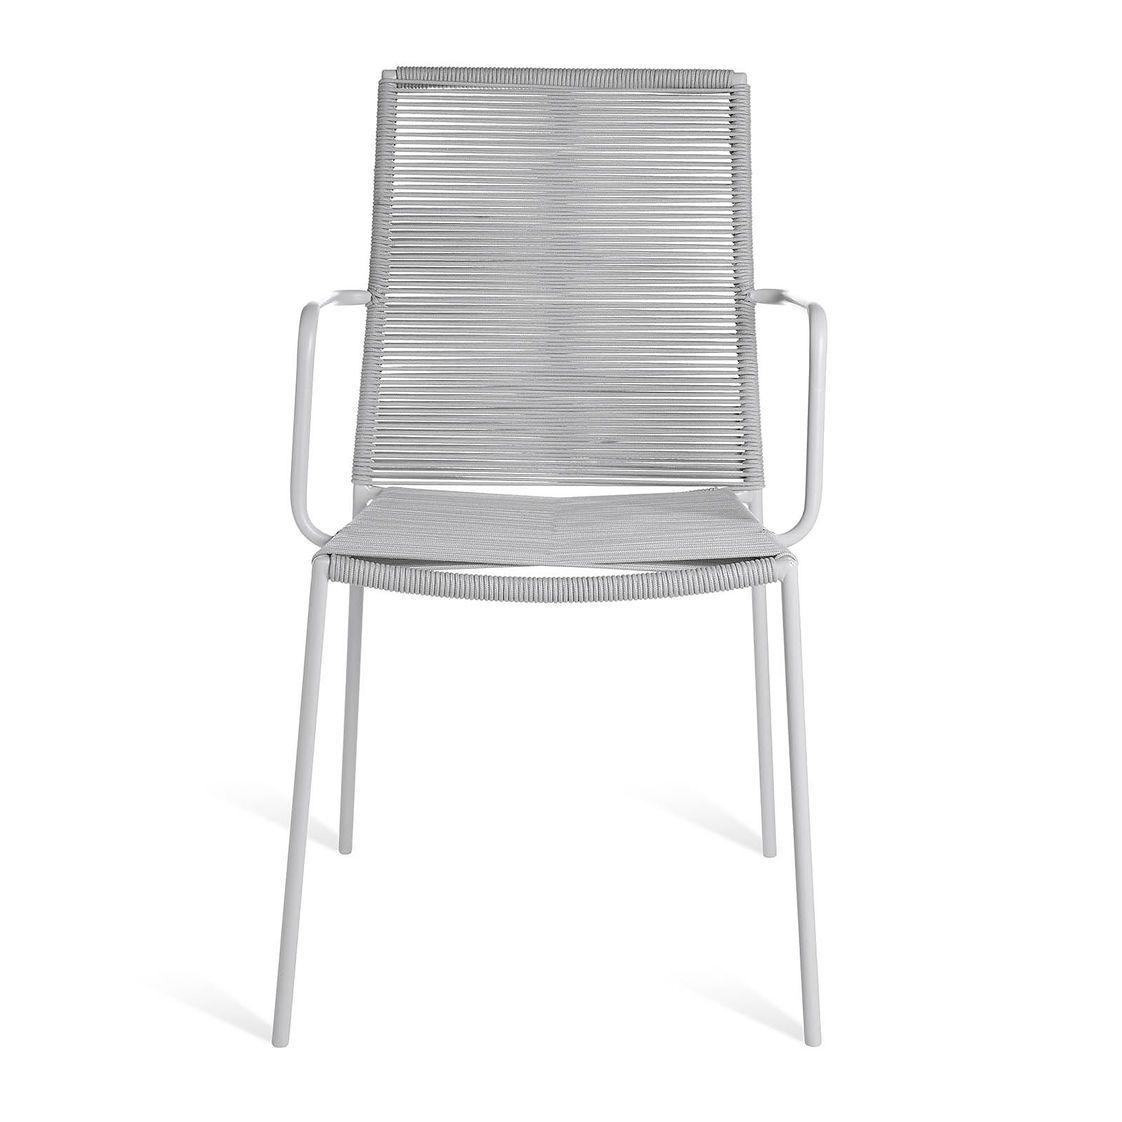 Stuhl Rope 50x615x89cm Grau Gartenstühle Gartenstühle